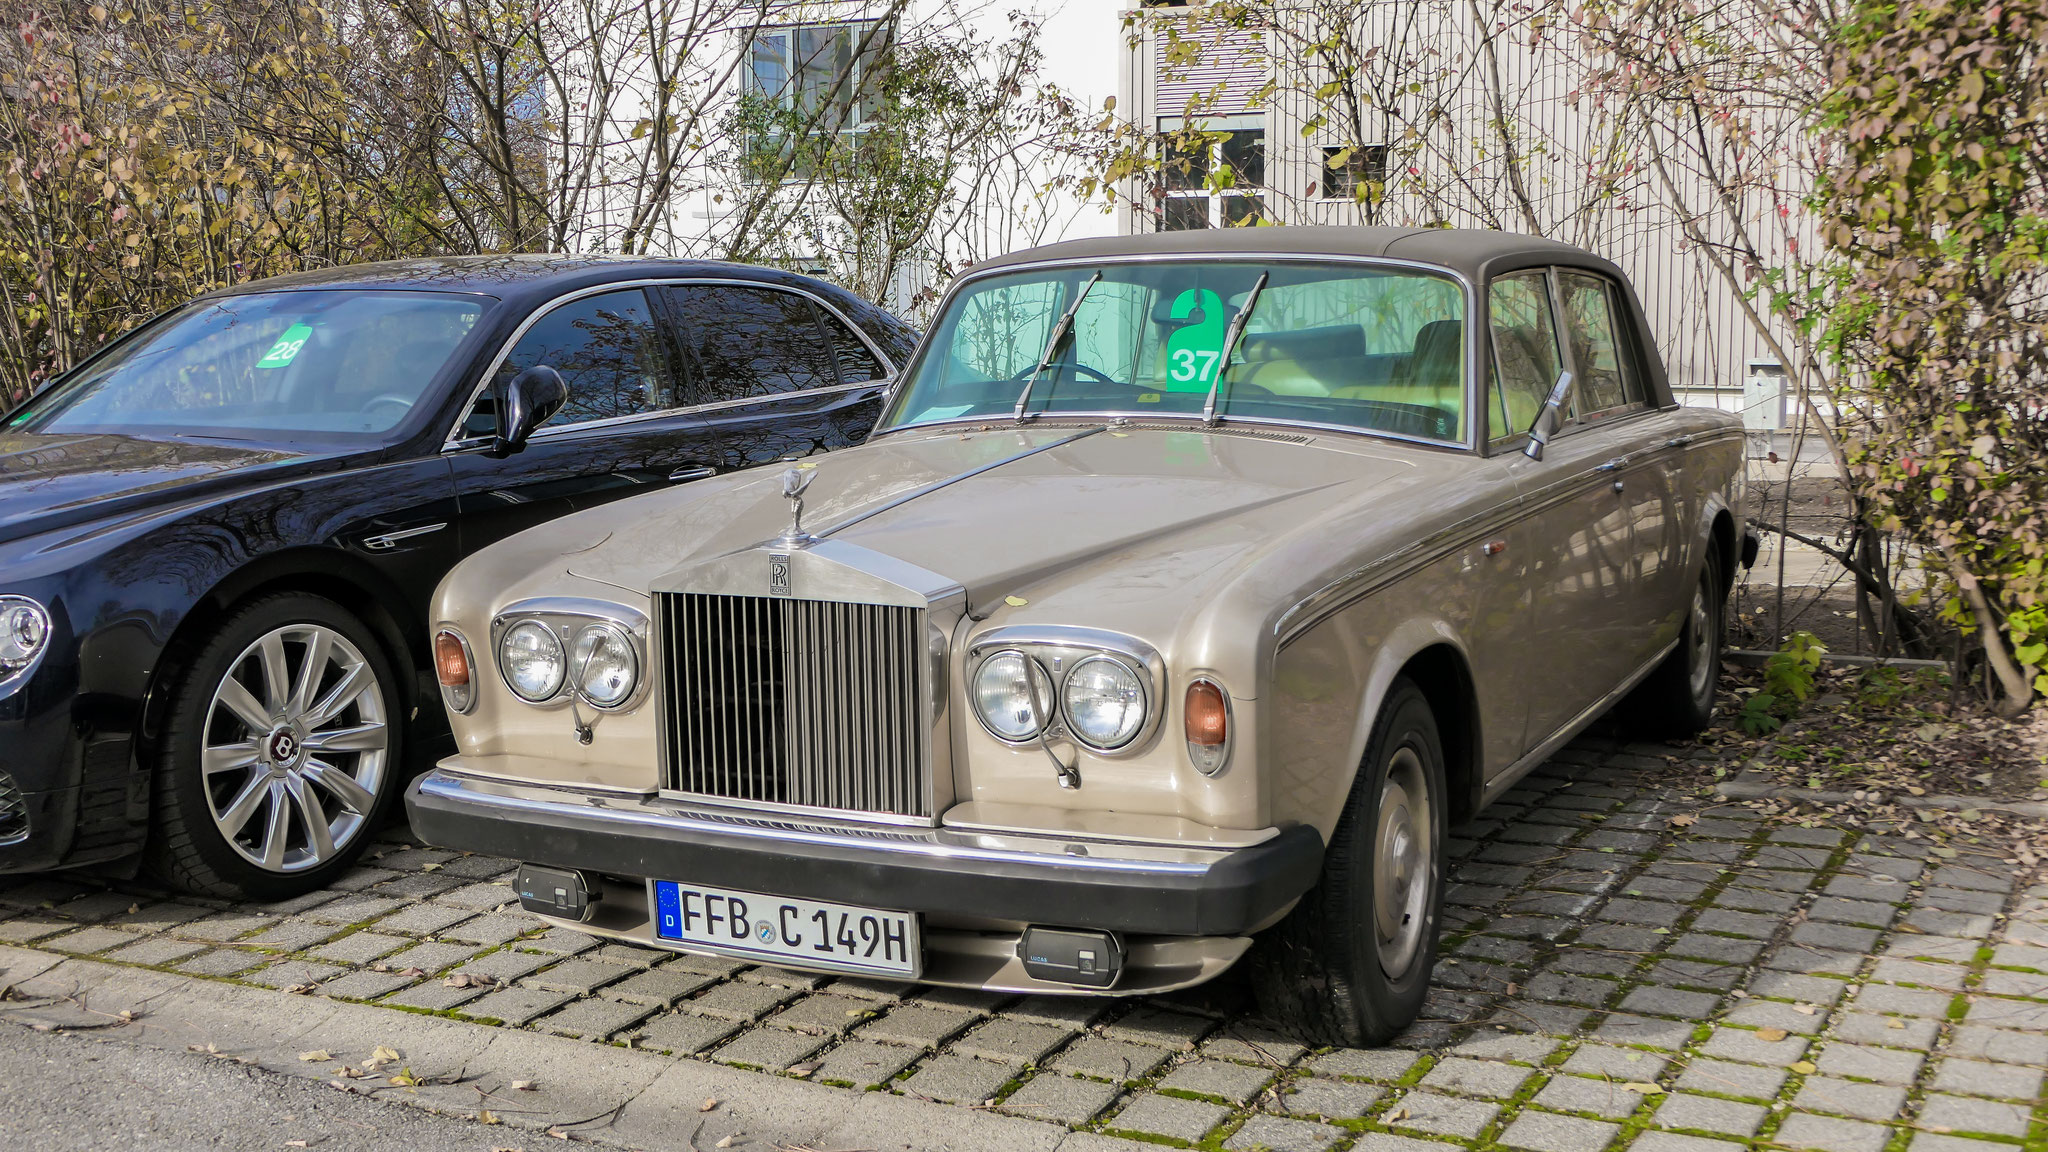 Rolls Royce Silver Shadow - FFB-C-149H